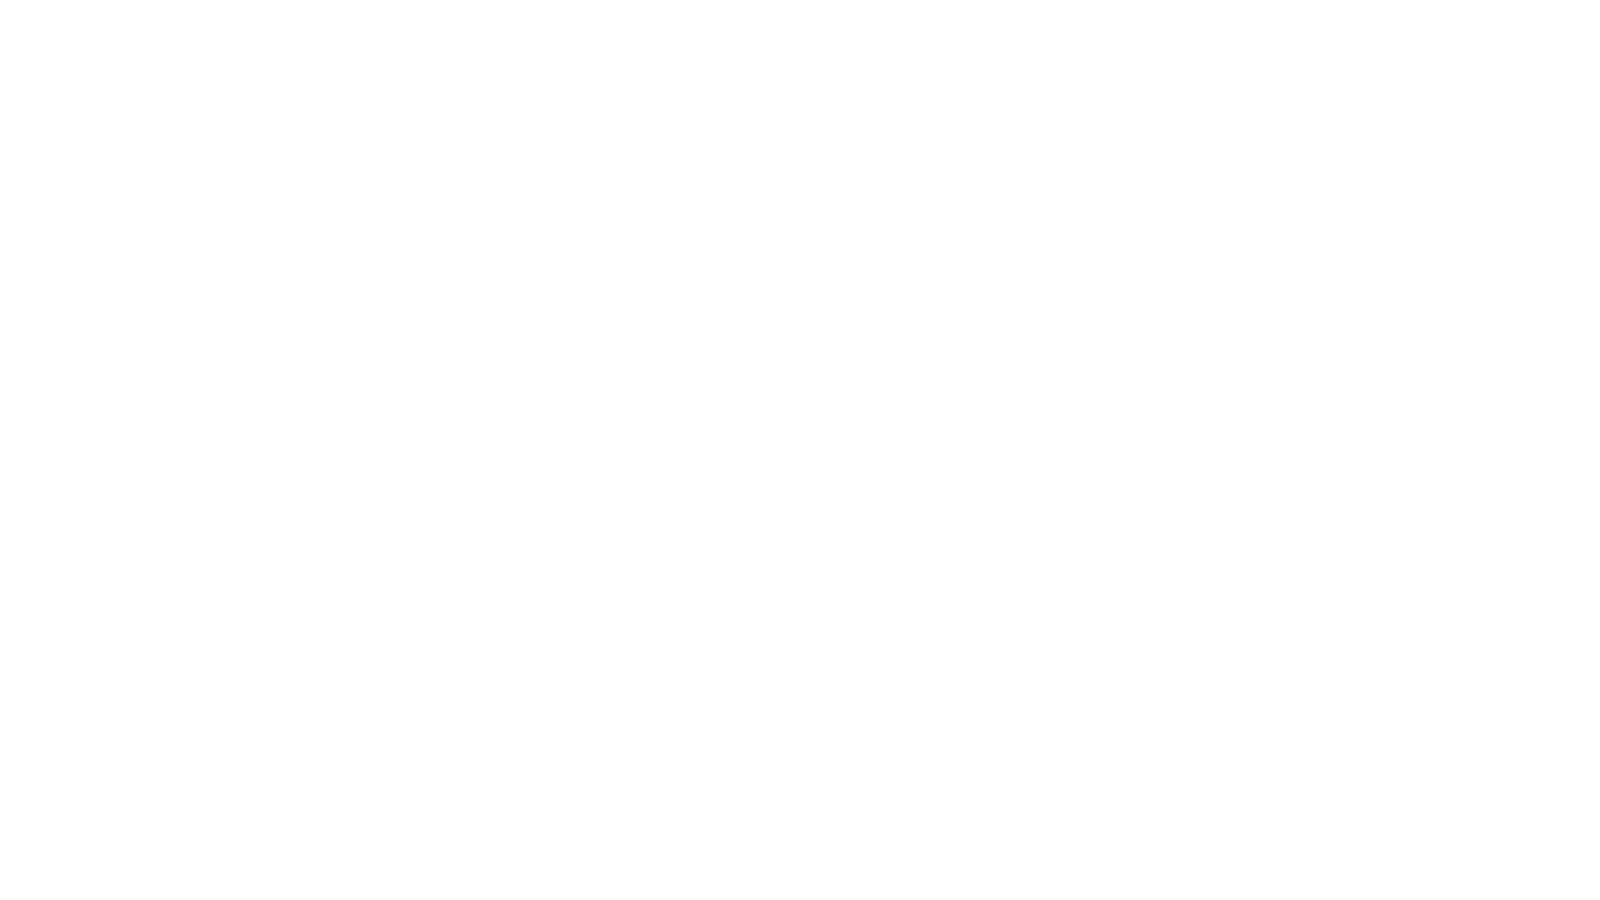 www.nataliaakasha.com Natalia Serrano analiza el arquetipo del dragón desde las culturas antiguas hasta el mito de San Jorge. Su conclusión está al principio del vídeo. Natalia ofrece webinars gratuitos cada tercer martes de mes. Puedes asistir subscribiendote en: www.nataliaakasha.com/webinars. Por favor, si te ha gustado, comparte, dale LIKE y subscríbete al canal.